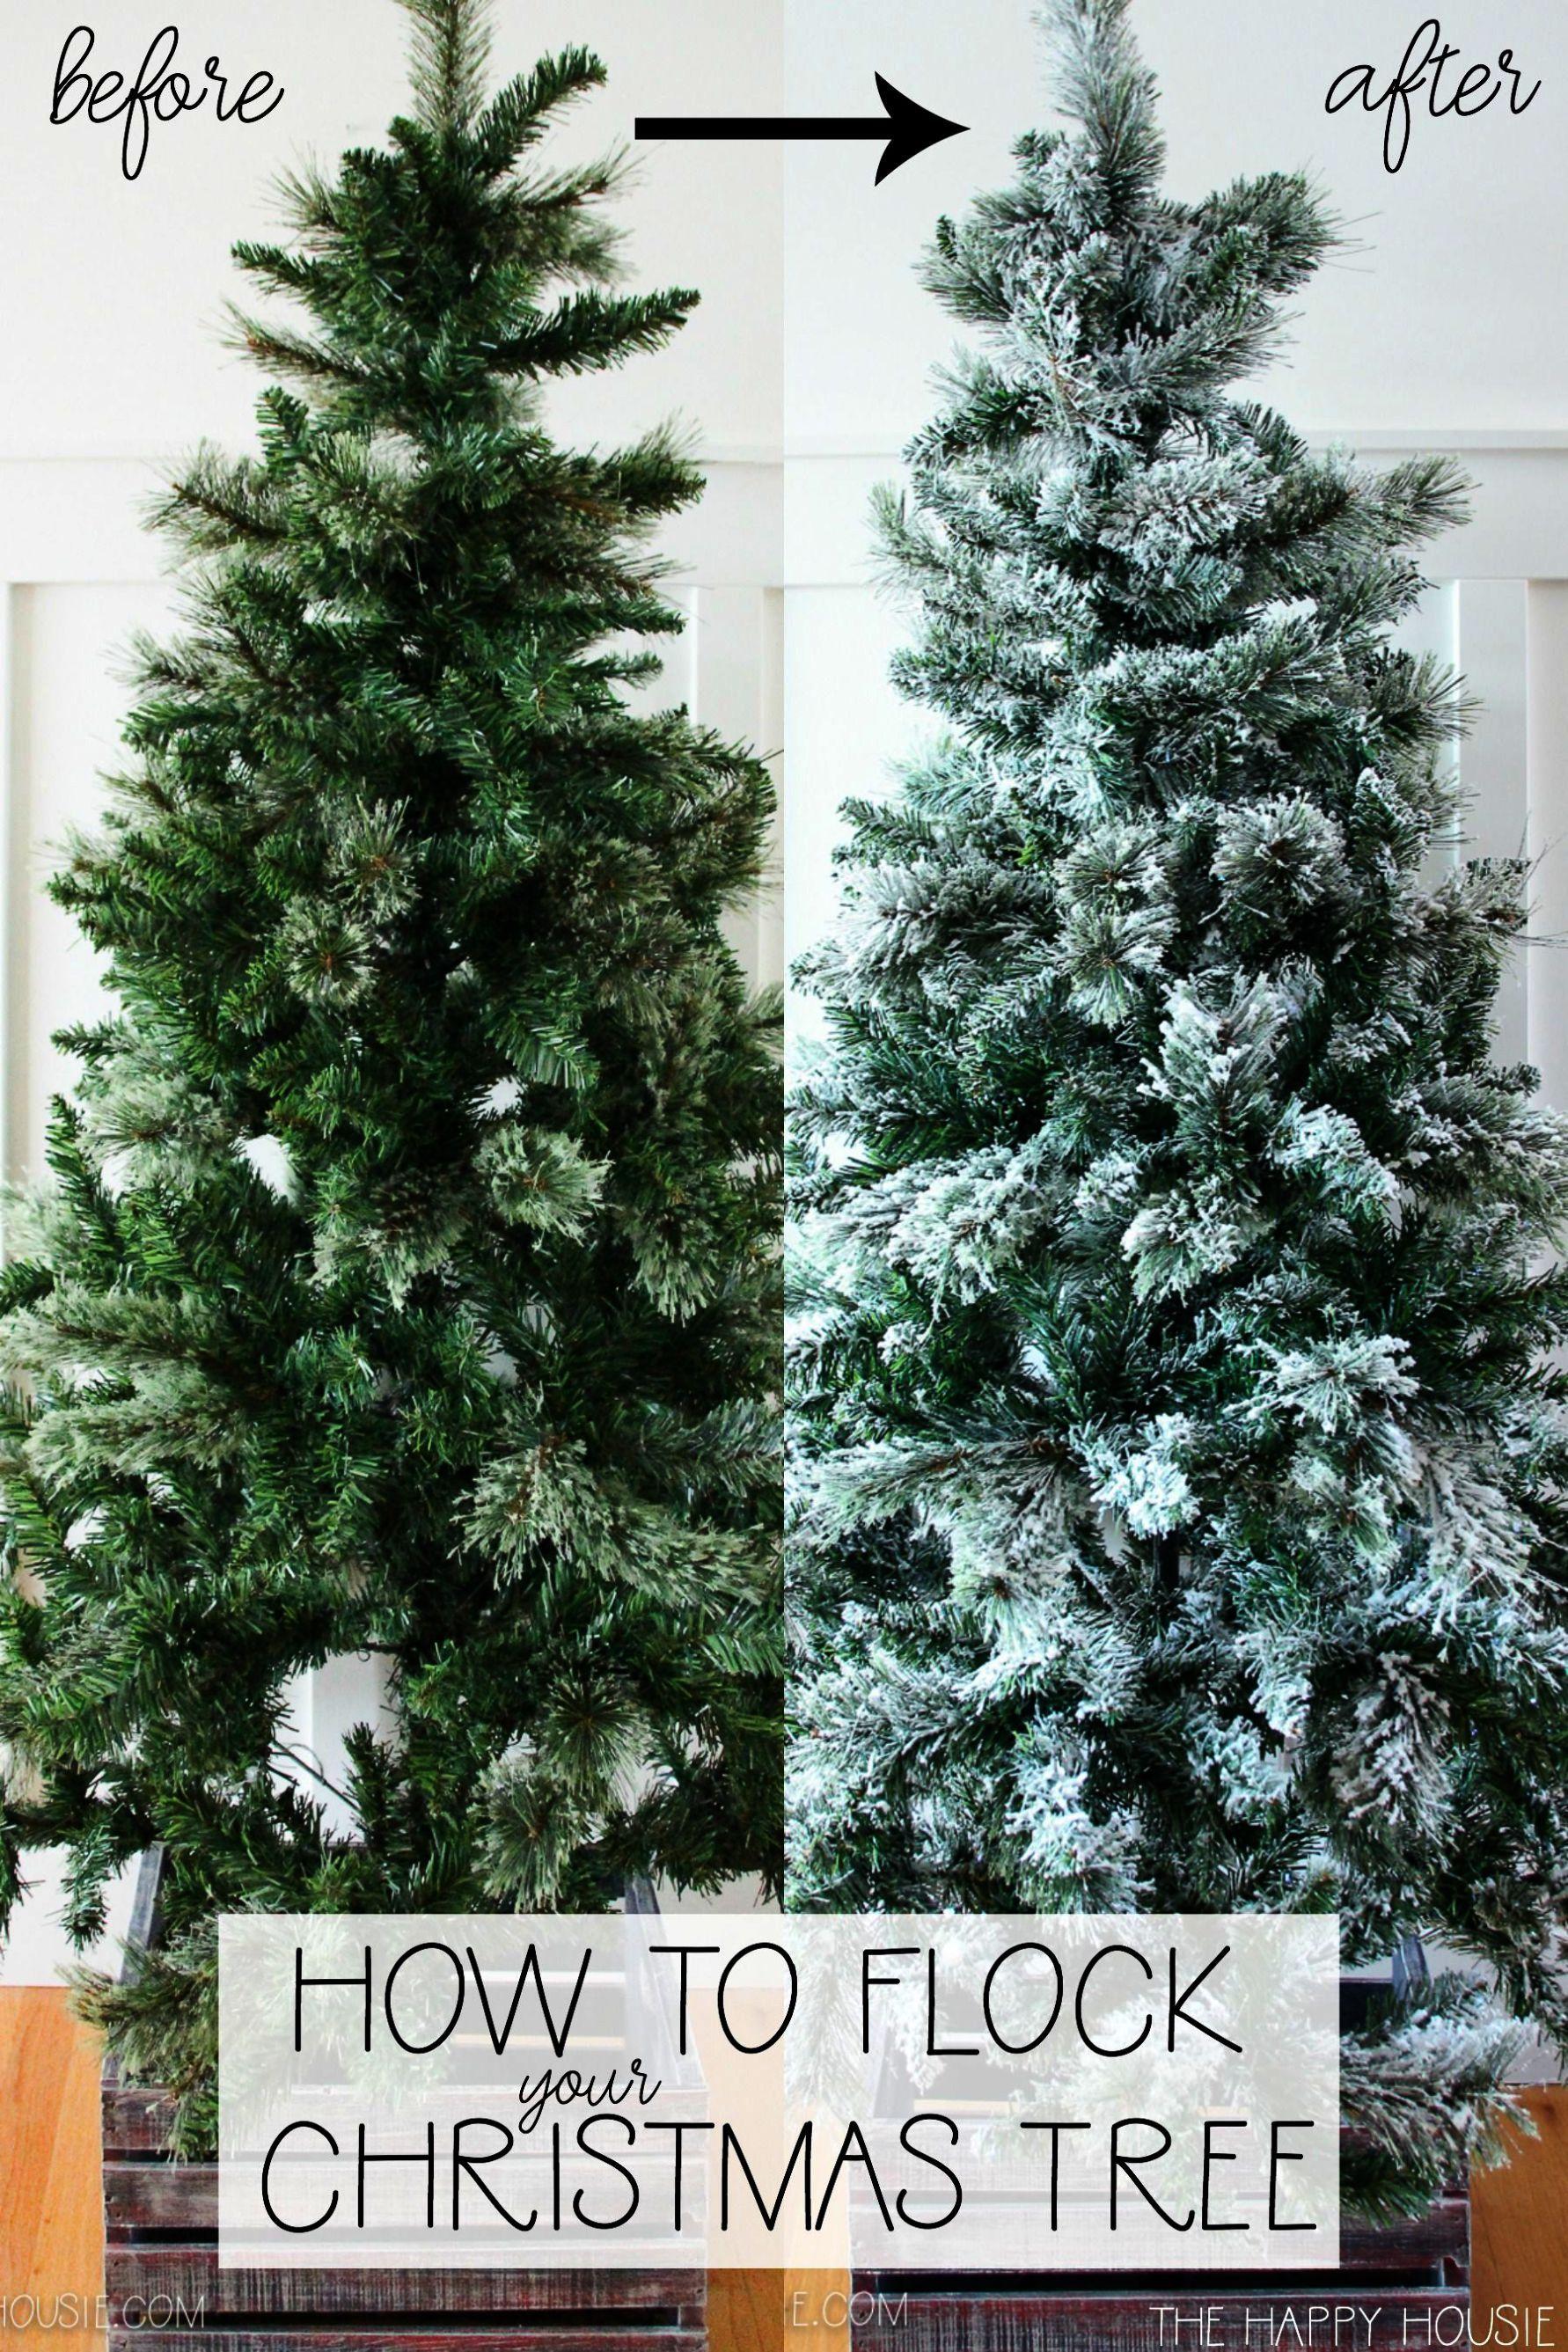 U Cut Christmas Trees.U Cut Christmas Trees Dallas Or Toward Christmas Trees Gif